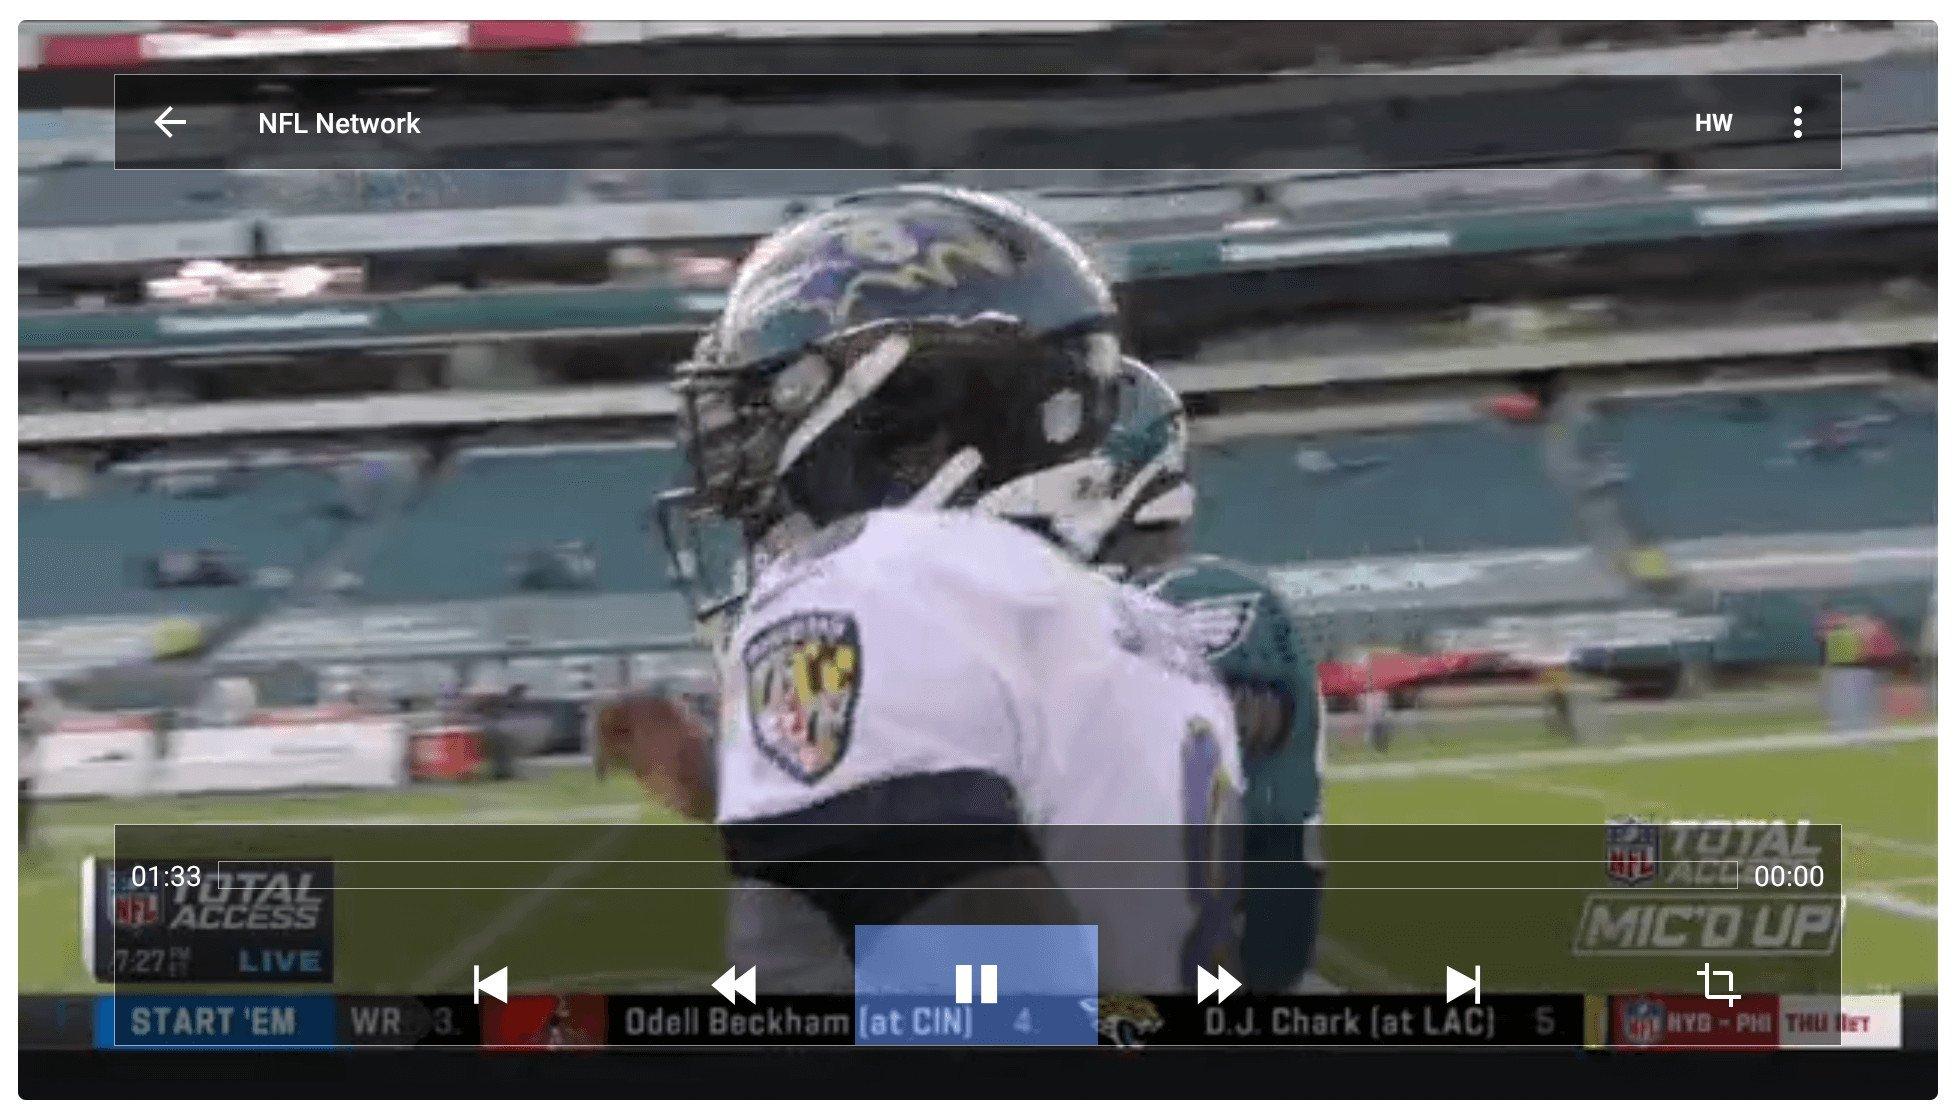 Fire-TV-Sstick-NFL